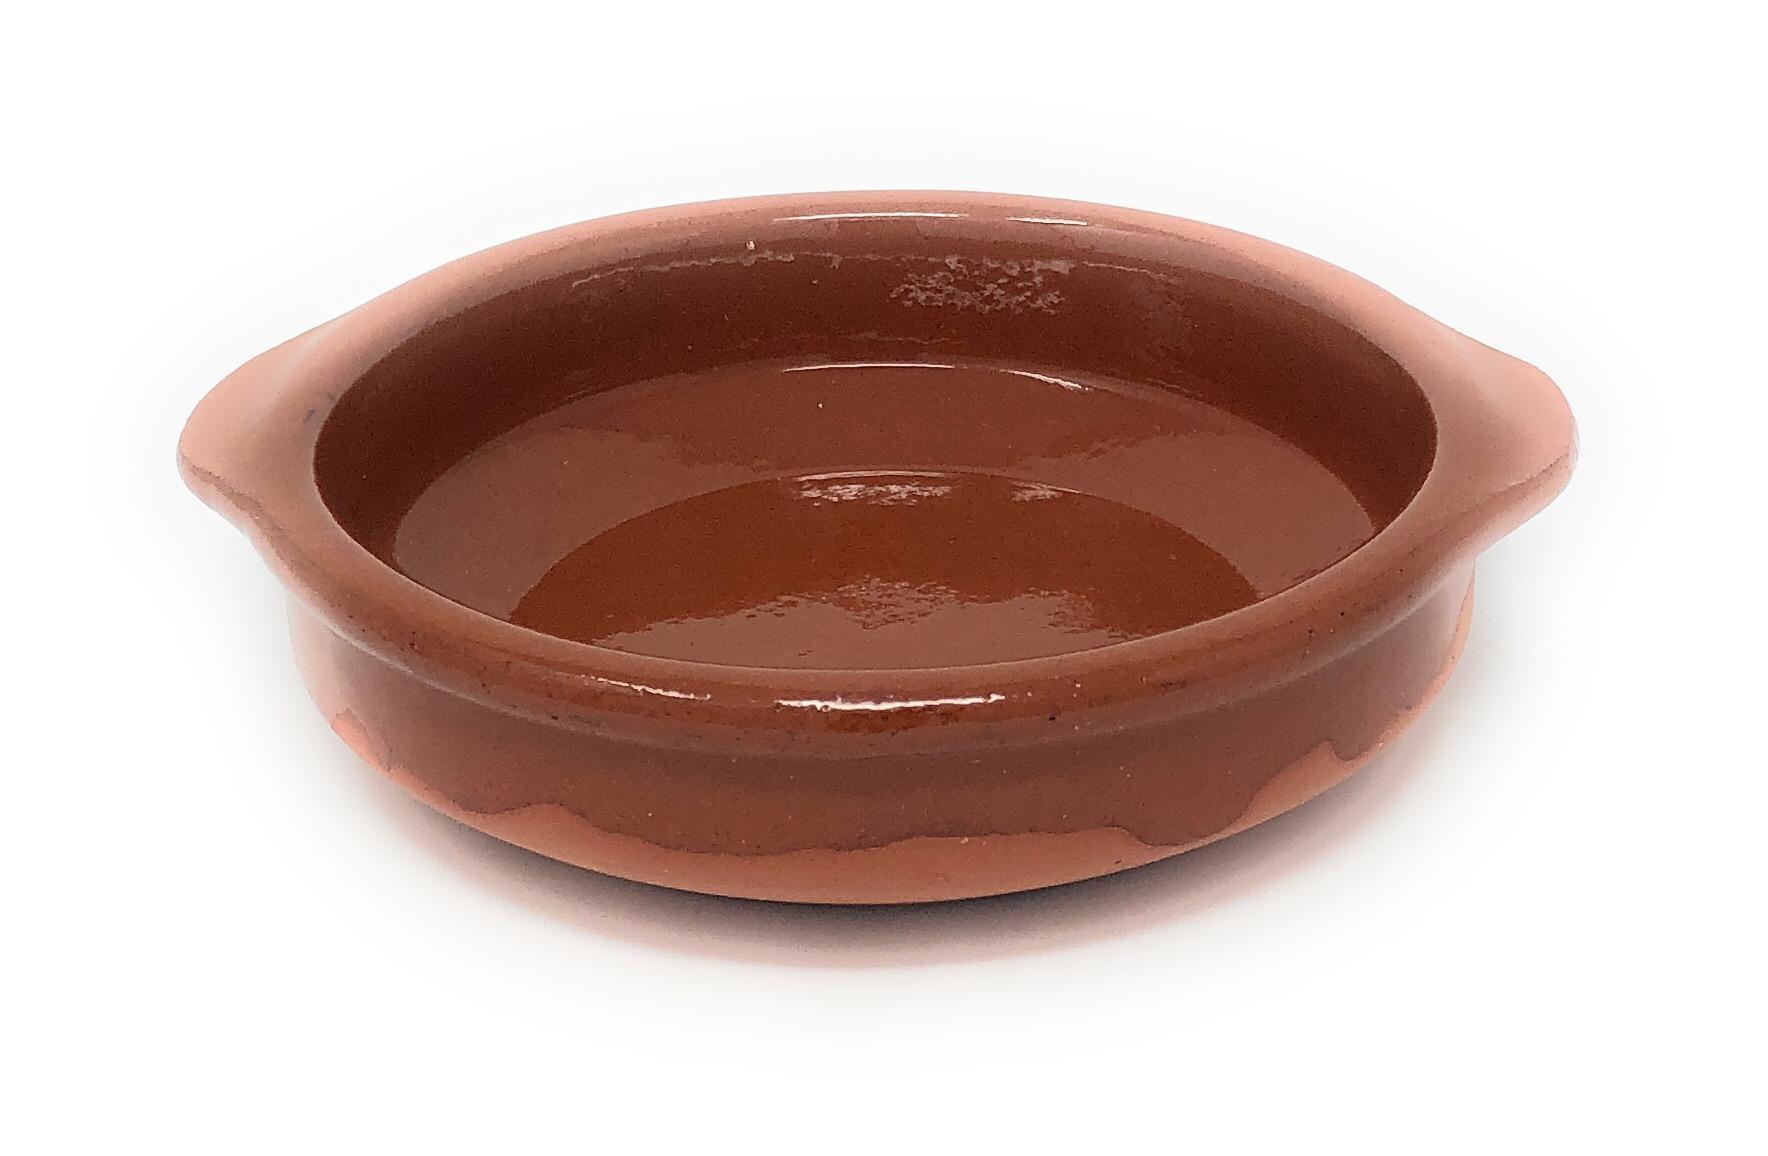 Alfareria Padilla Cazuela Tonschale rustikale Servierschale klein, traditionel, flach, rund, braun 14 cm